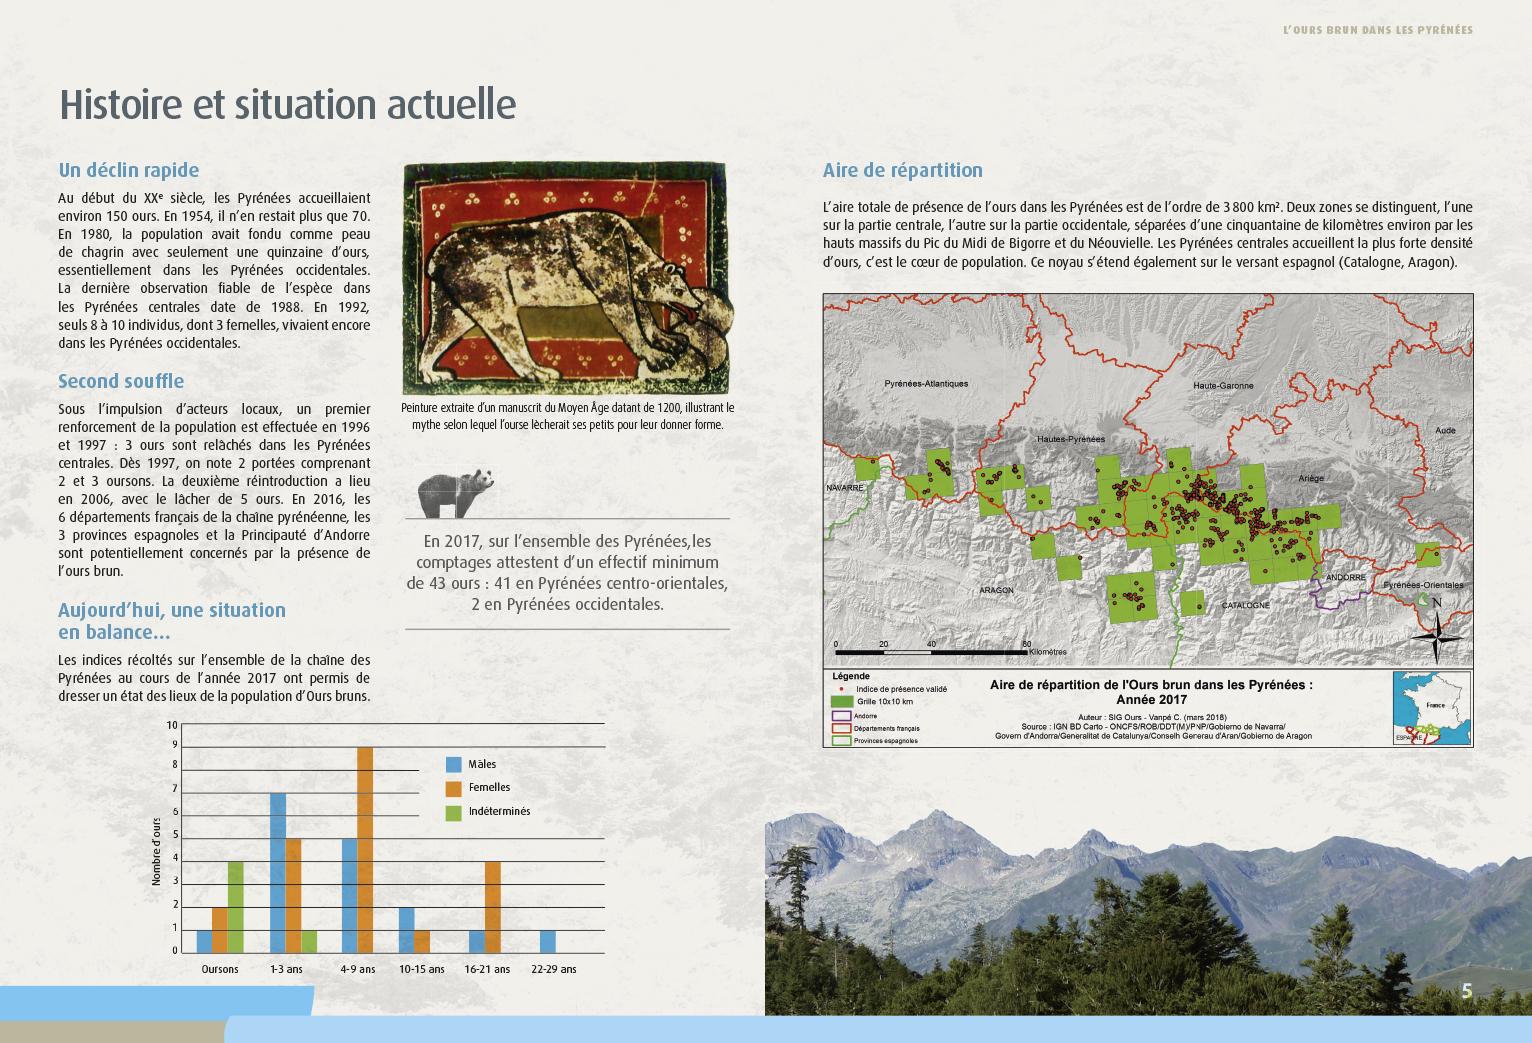 Pages intérieures brochure 12 pages Ours brun dans les Pyrénées 2018 - DREAL Occitanie